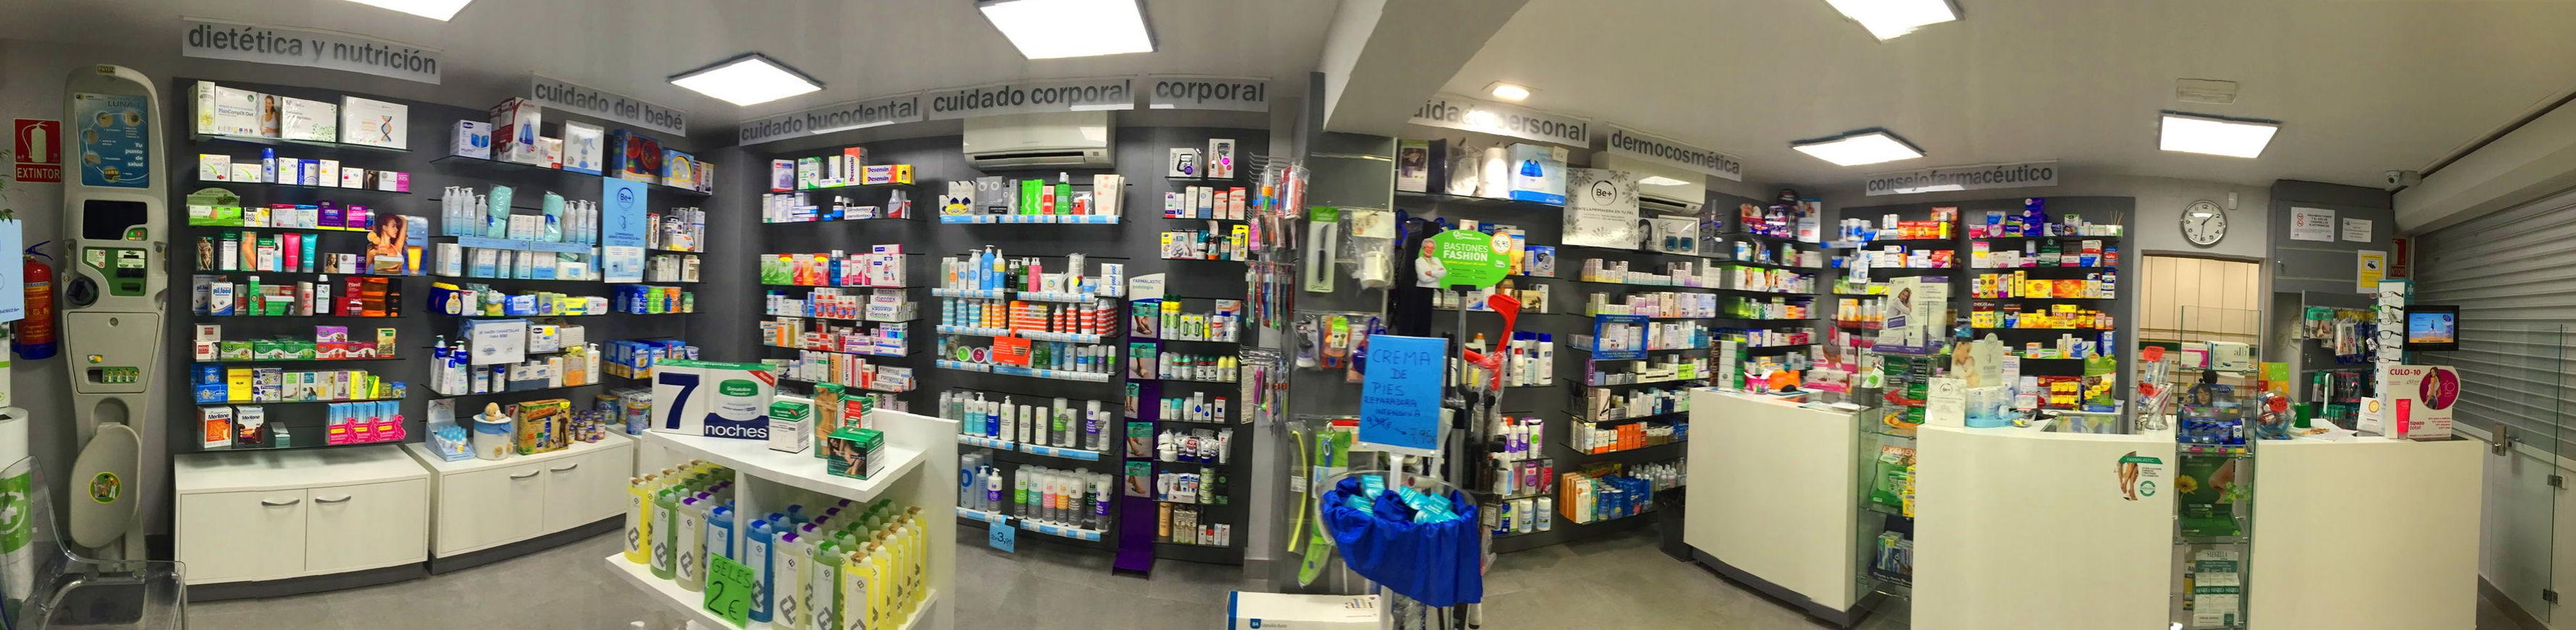 Farmacia Cristina de Diego Martinez